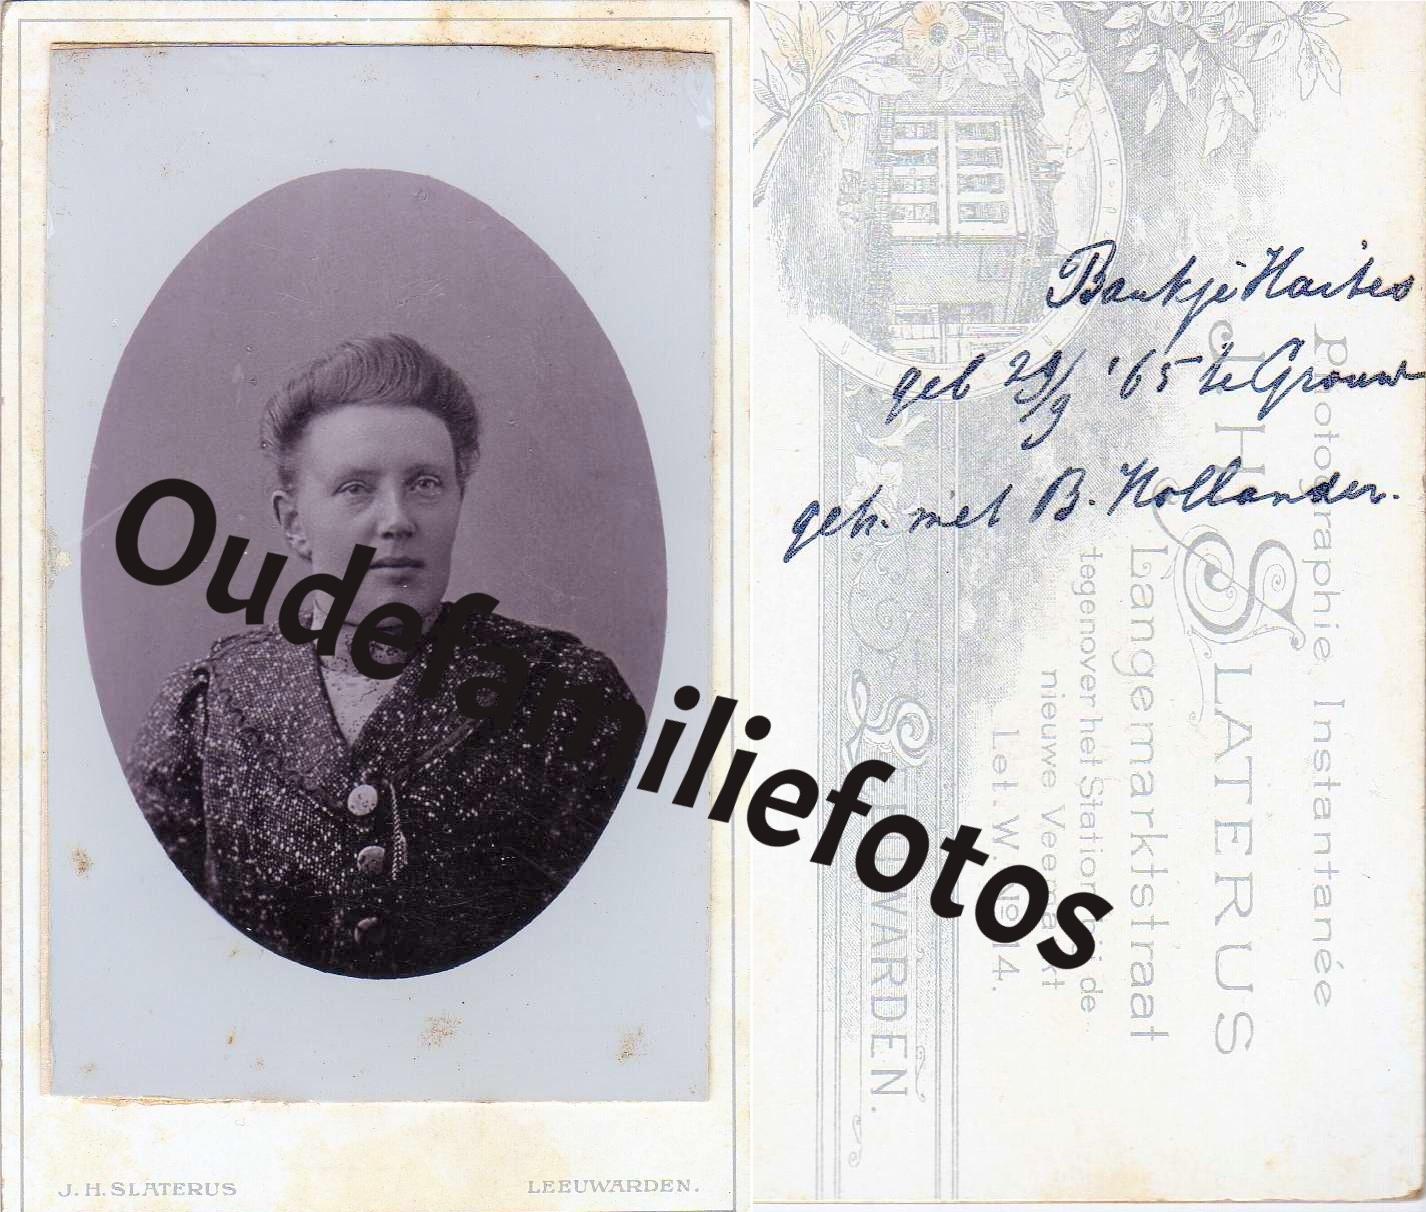 Haites, Boukje. geb. 29-9-1865 Grouw. getrouwd met Berend Hollander. € 3,00